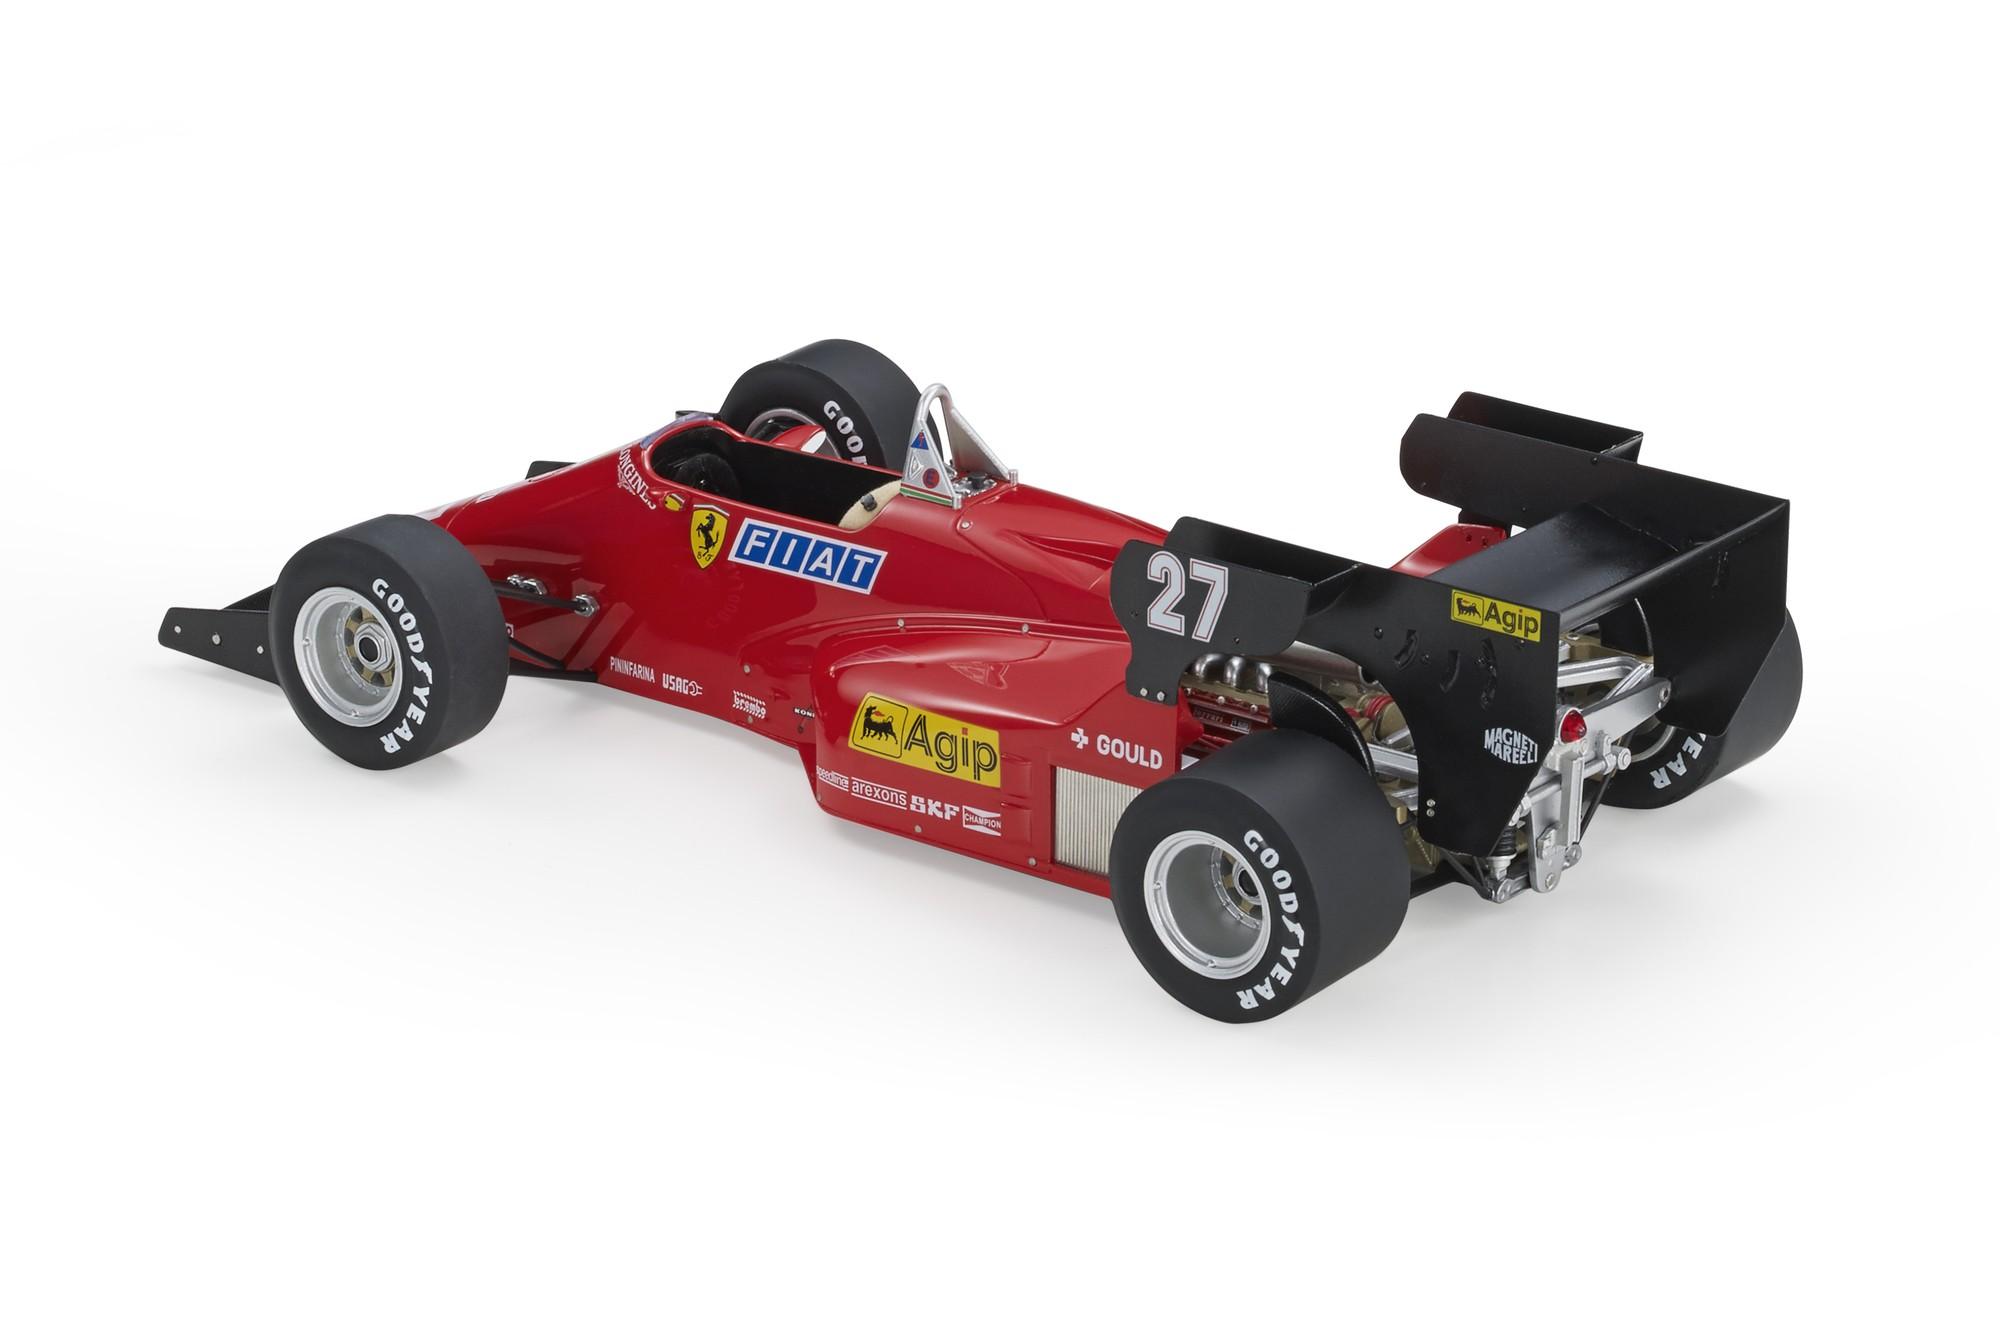 GP Replicas Ferrari 126 C4 Alboreto (Pre-order), Michele Alboreto, 1:18  racing